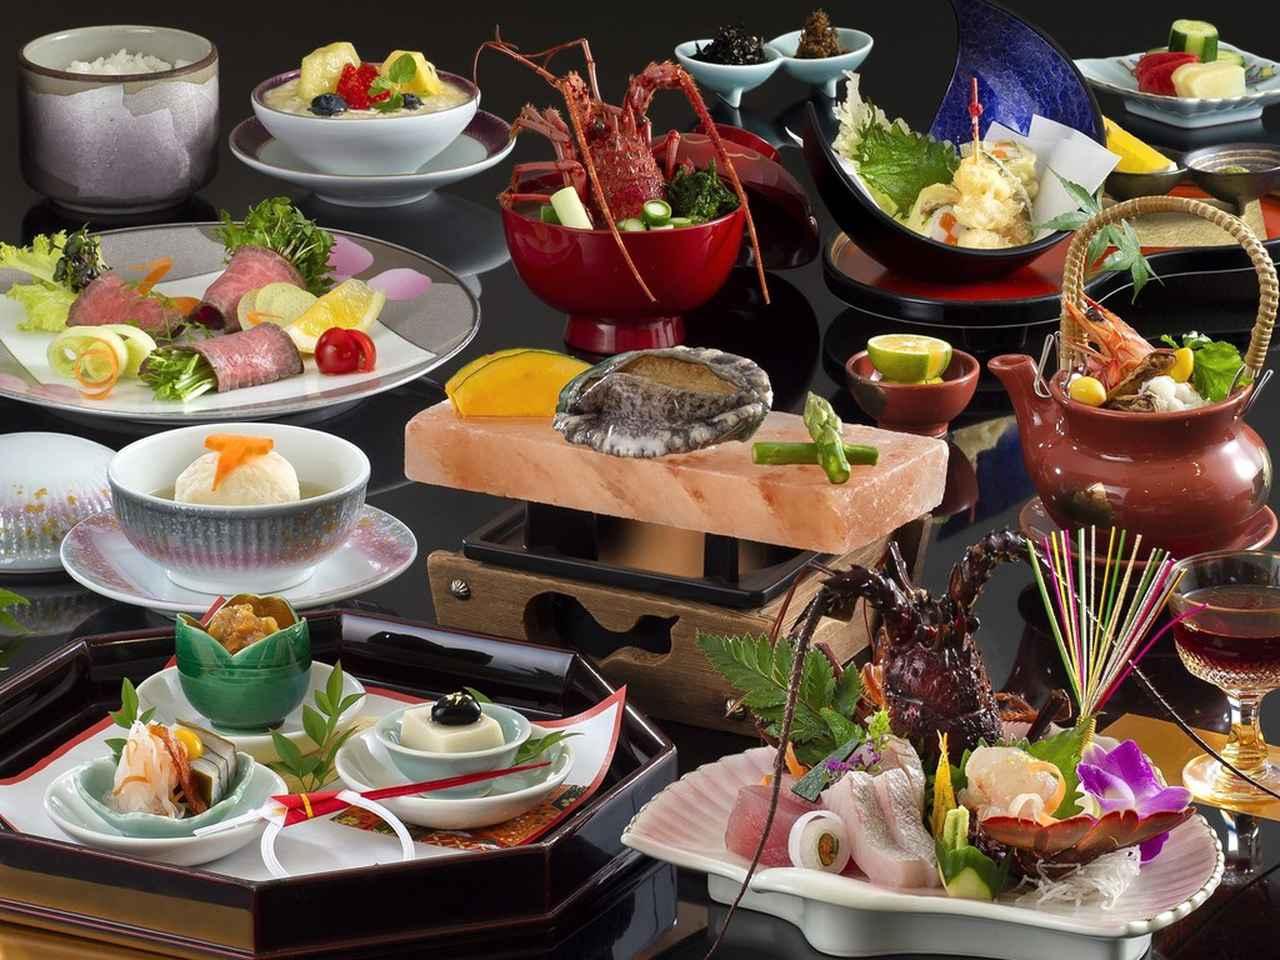 画像: 5日目宿泊「賢島宝生苑」の伊勢海老・鮑の夕食イメージ